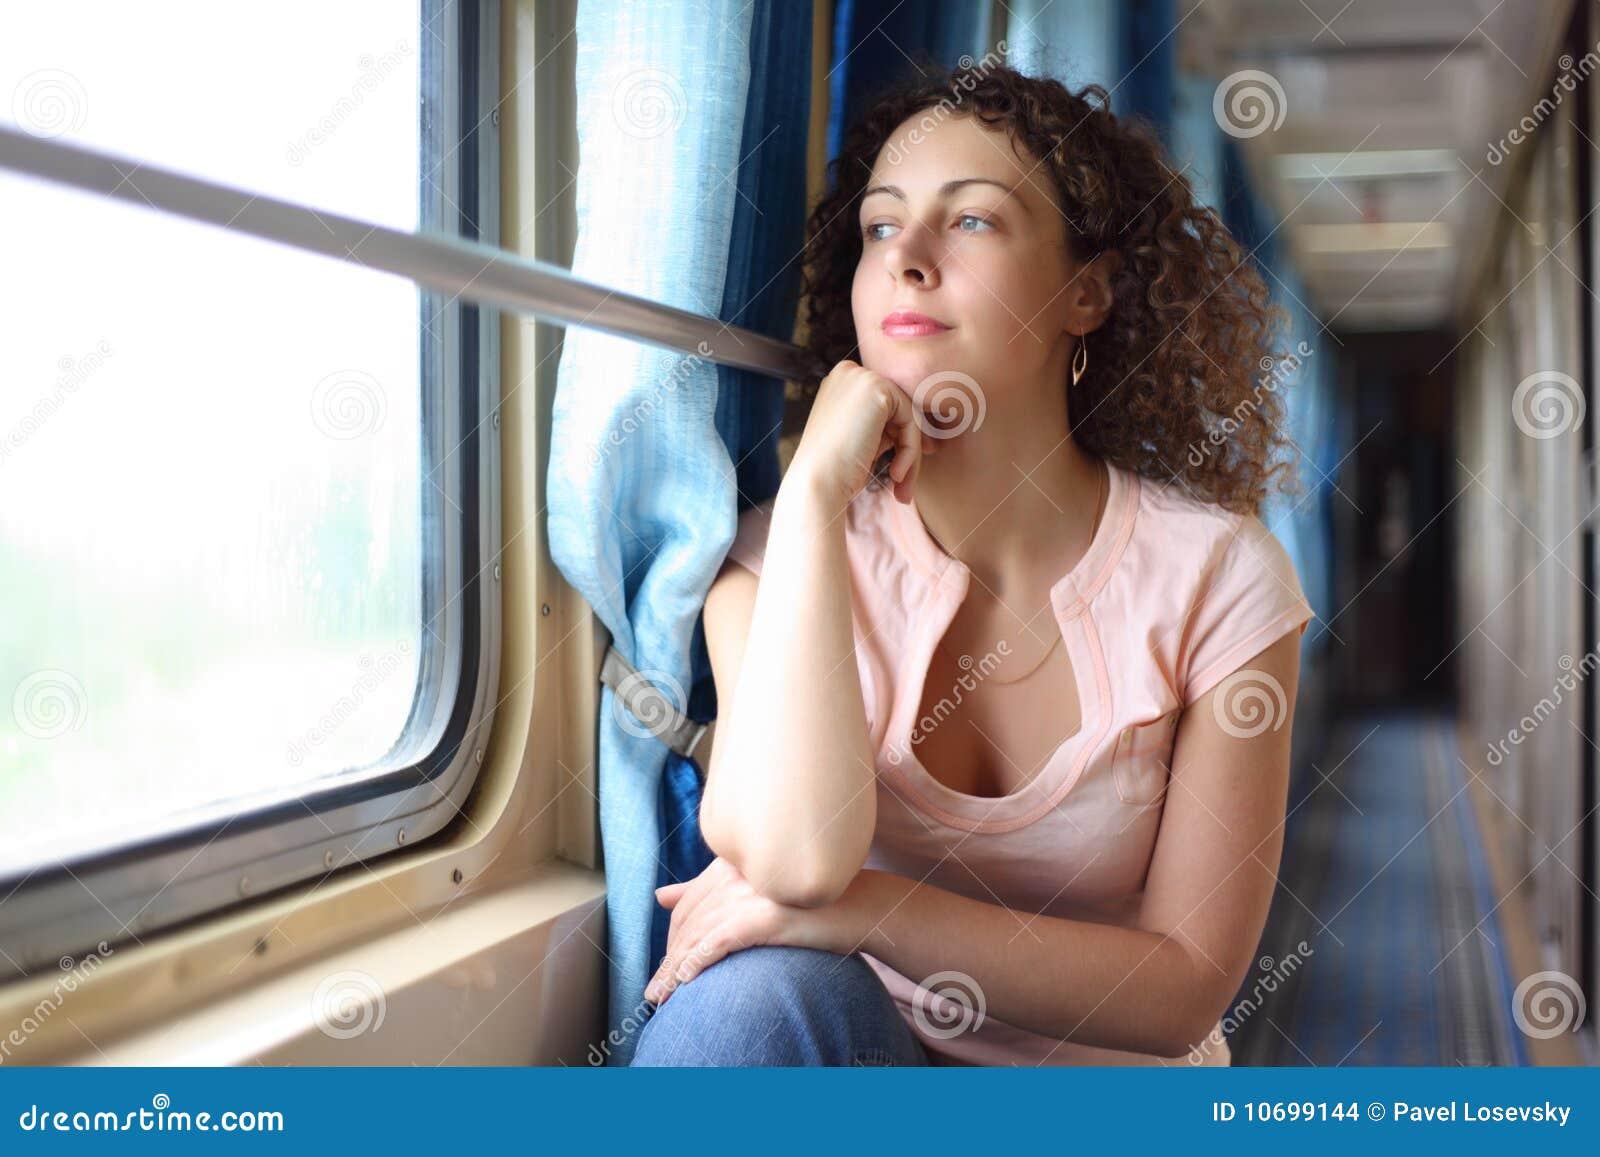 Resultado de imagen para mujer en el tren